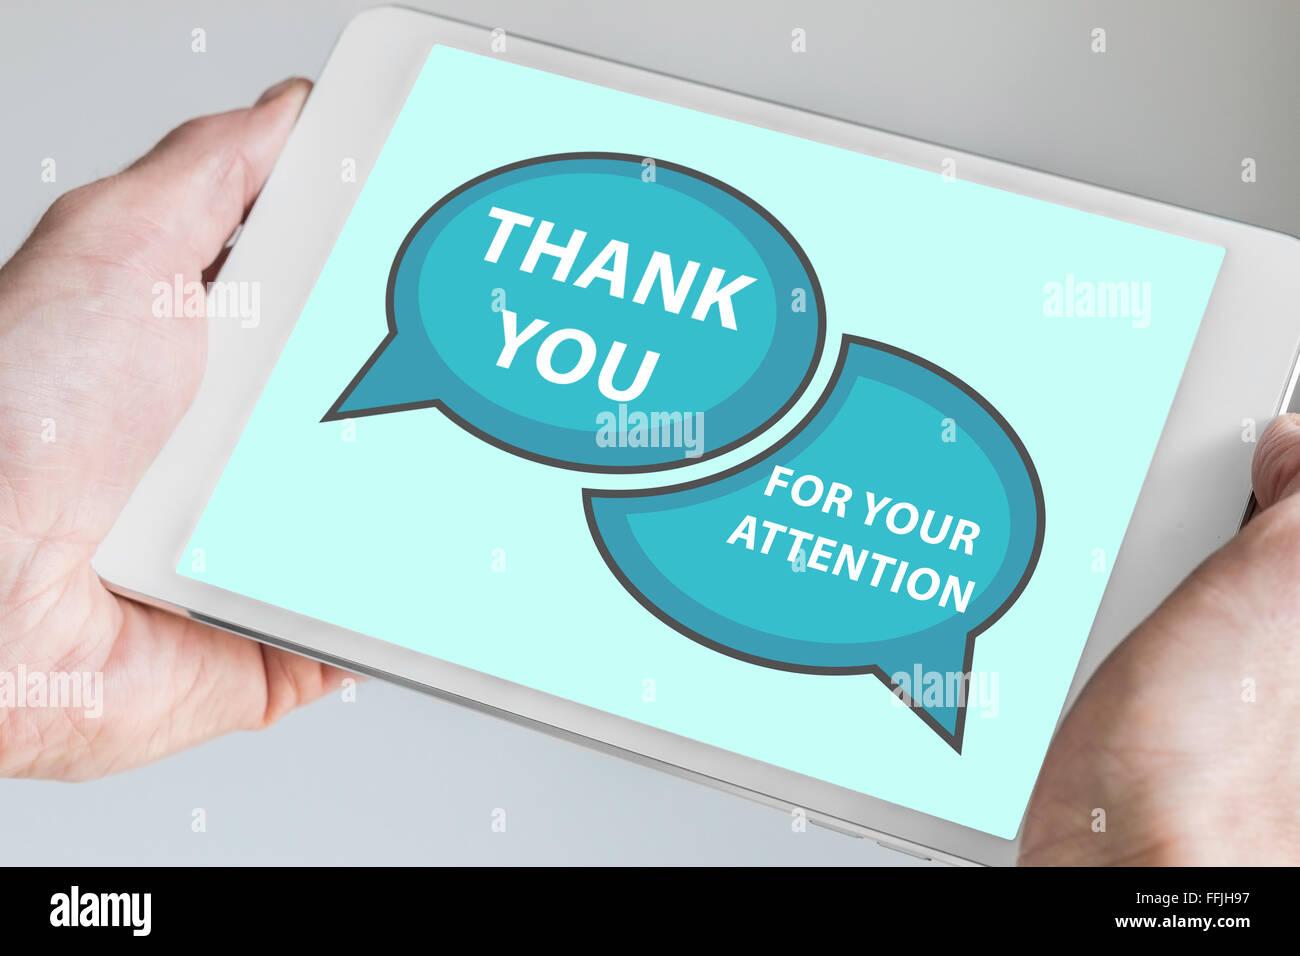 Vielen dank f r ihre aufmerksamkeit konzept mit hand moderne touch screen ger t wie tablet als for Aufmerksamkeit englisch